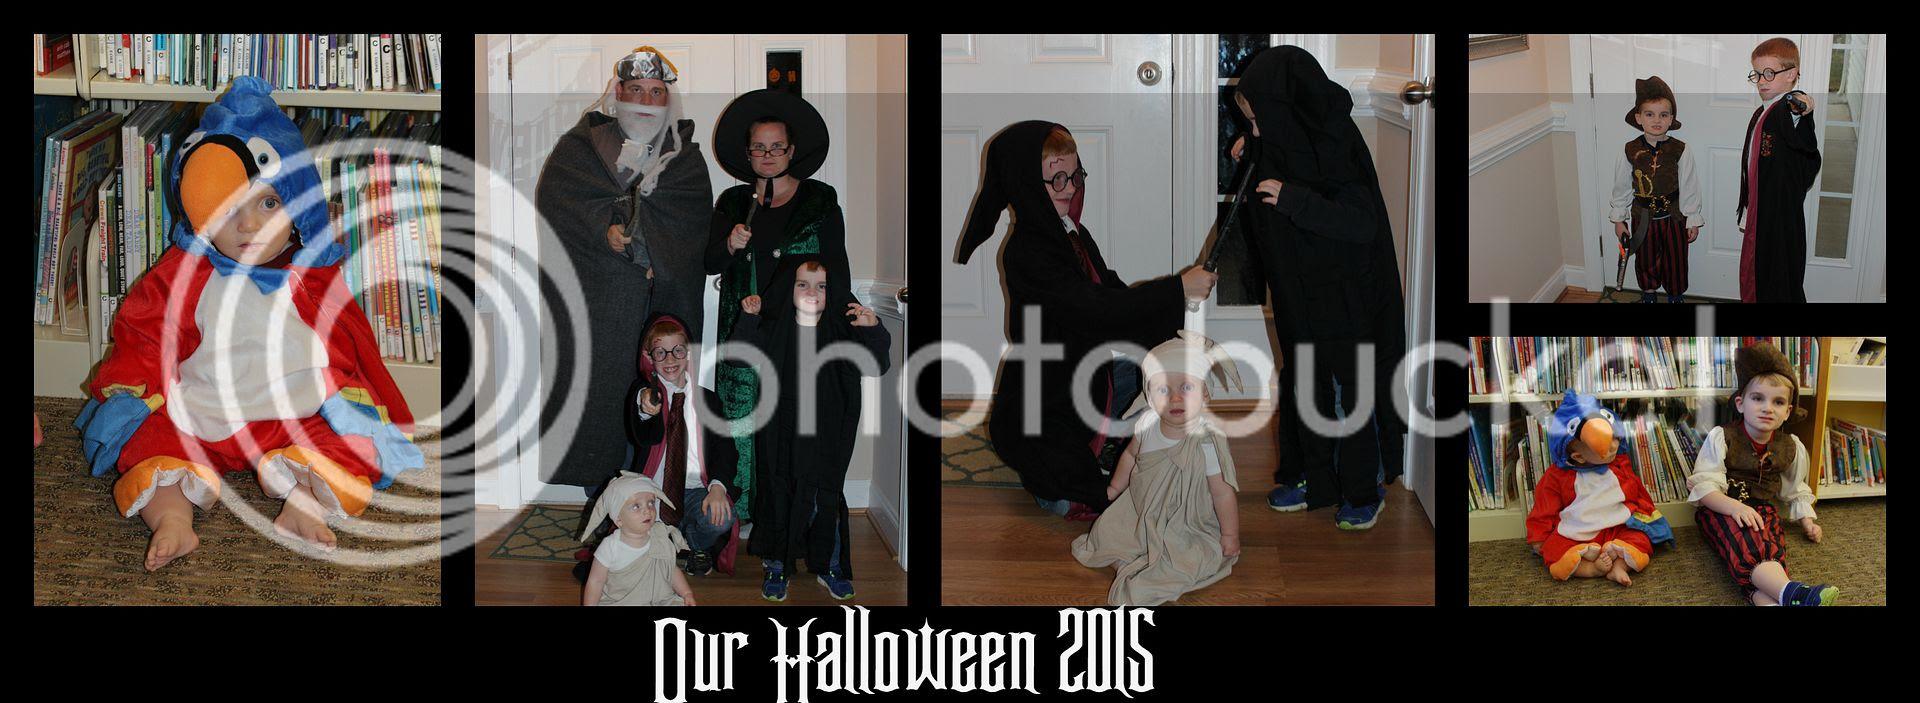 photo Halloween.collage1_zpsopr4p5rn.jpg